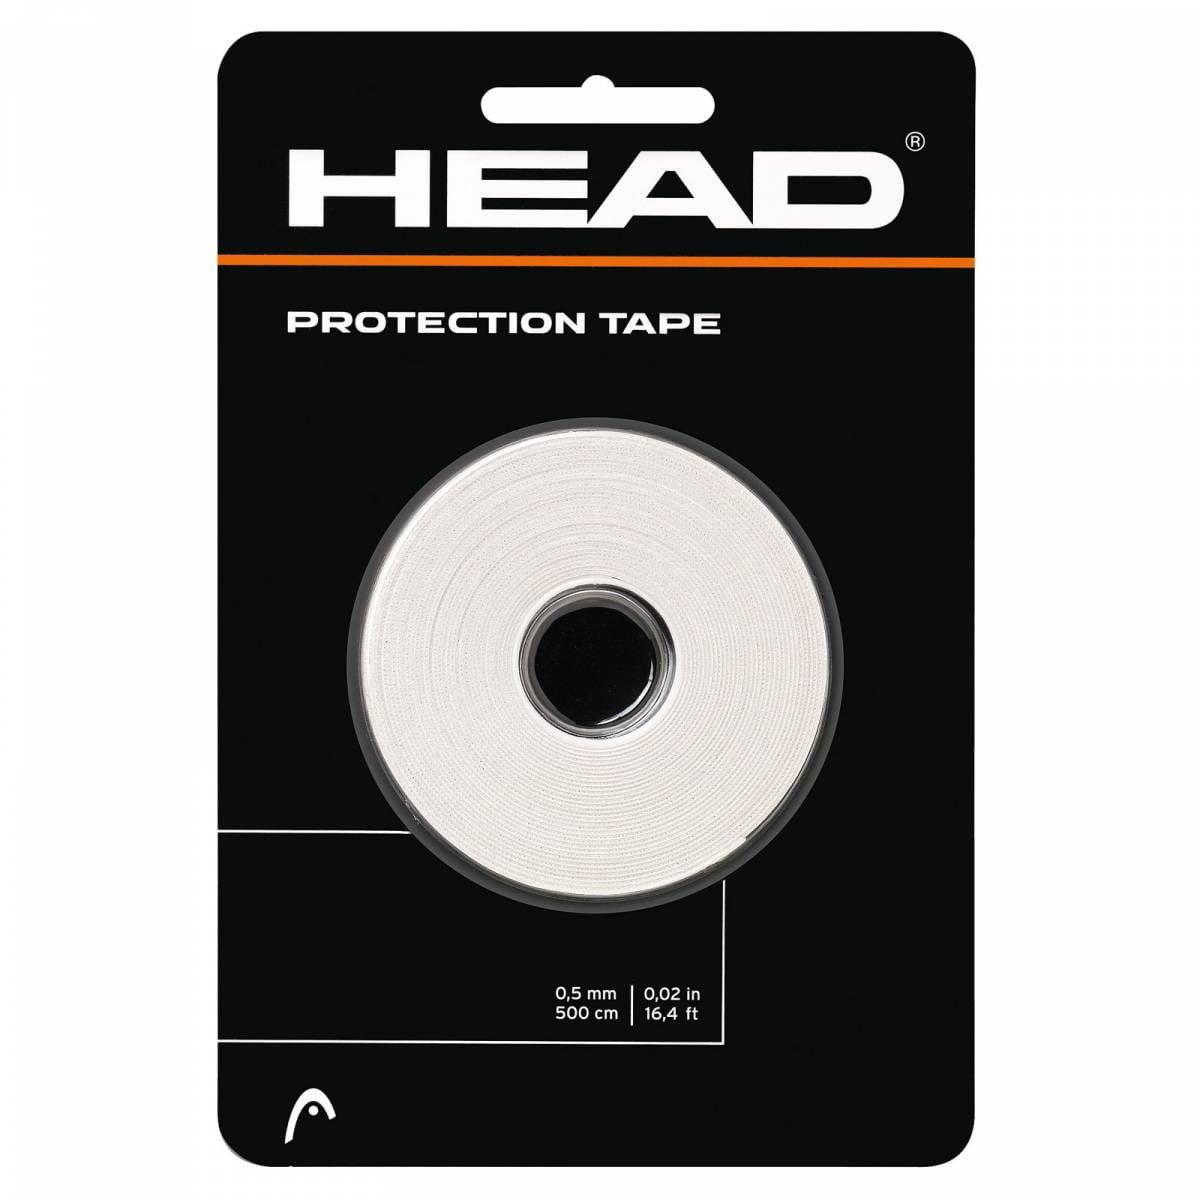 Head Taśma ochronna - white 285018-WH